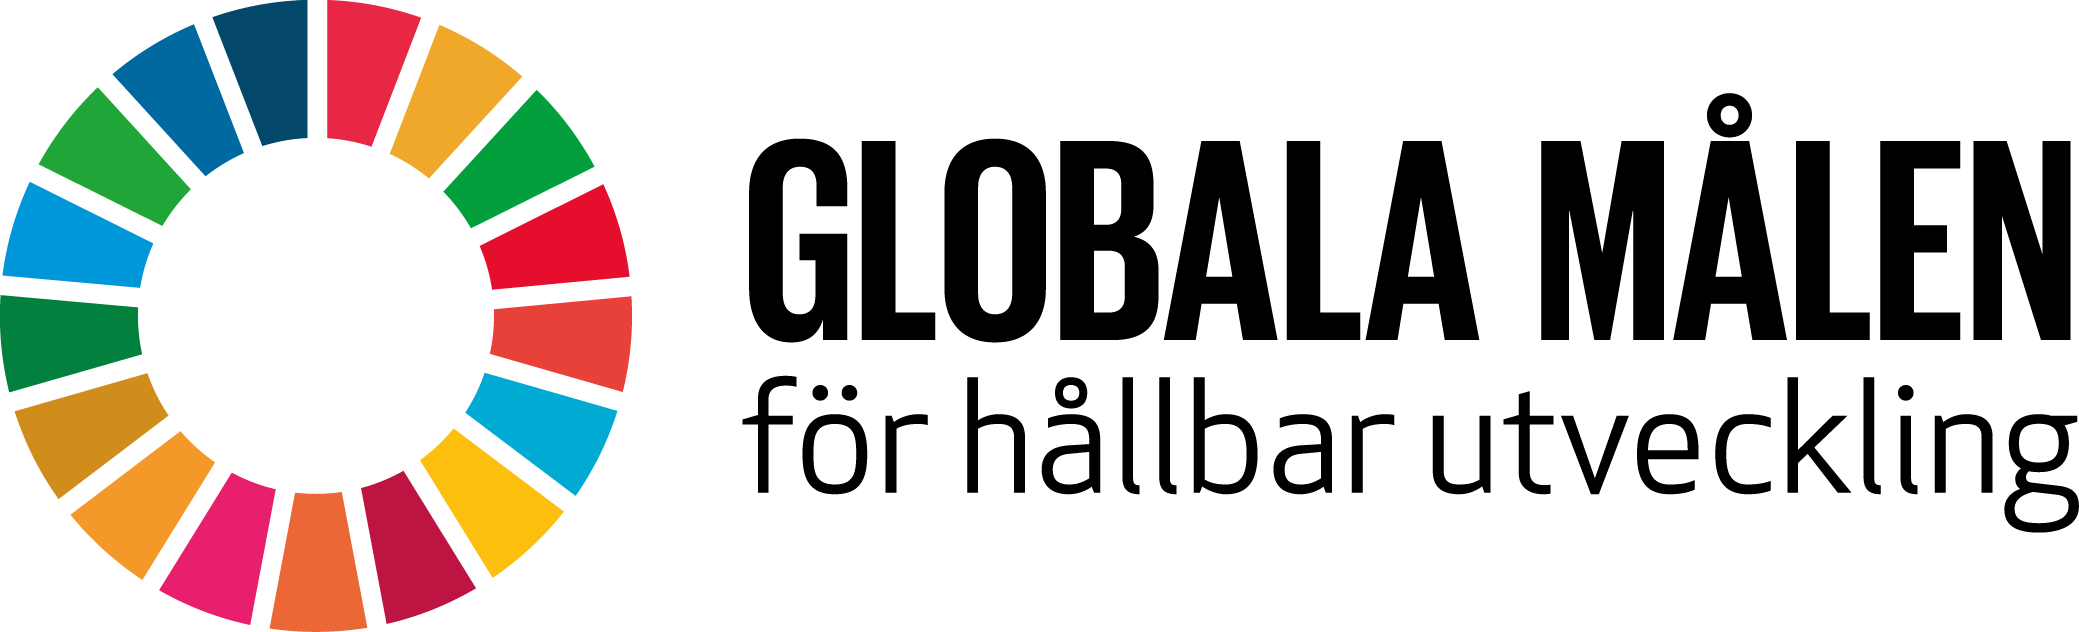 Globala Målen för hållbar utveckling logotyp.